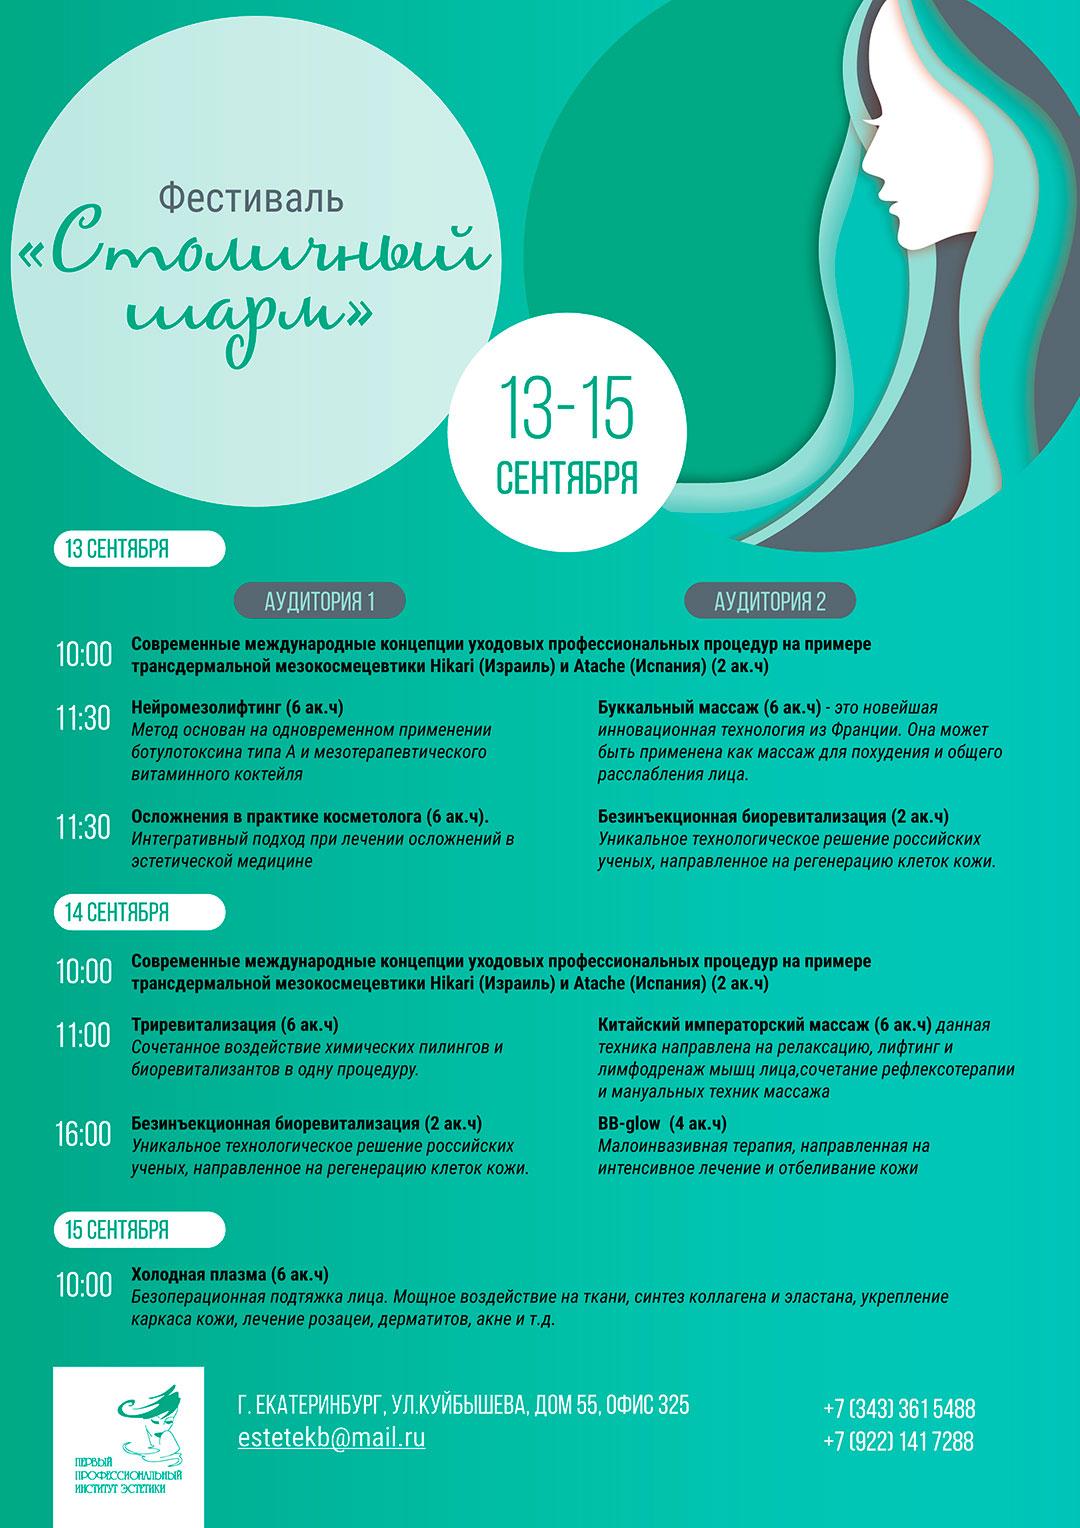 Фестиваль для профессионалов красоты «Столичный шарм» в Екатеринбурге